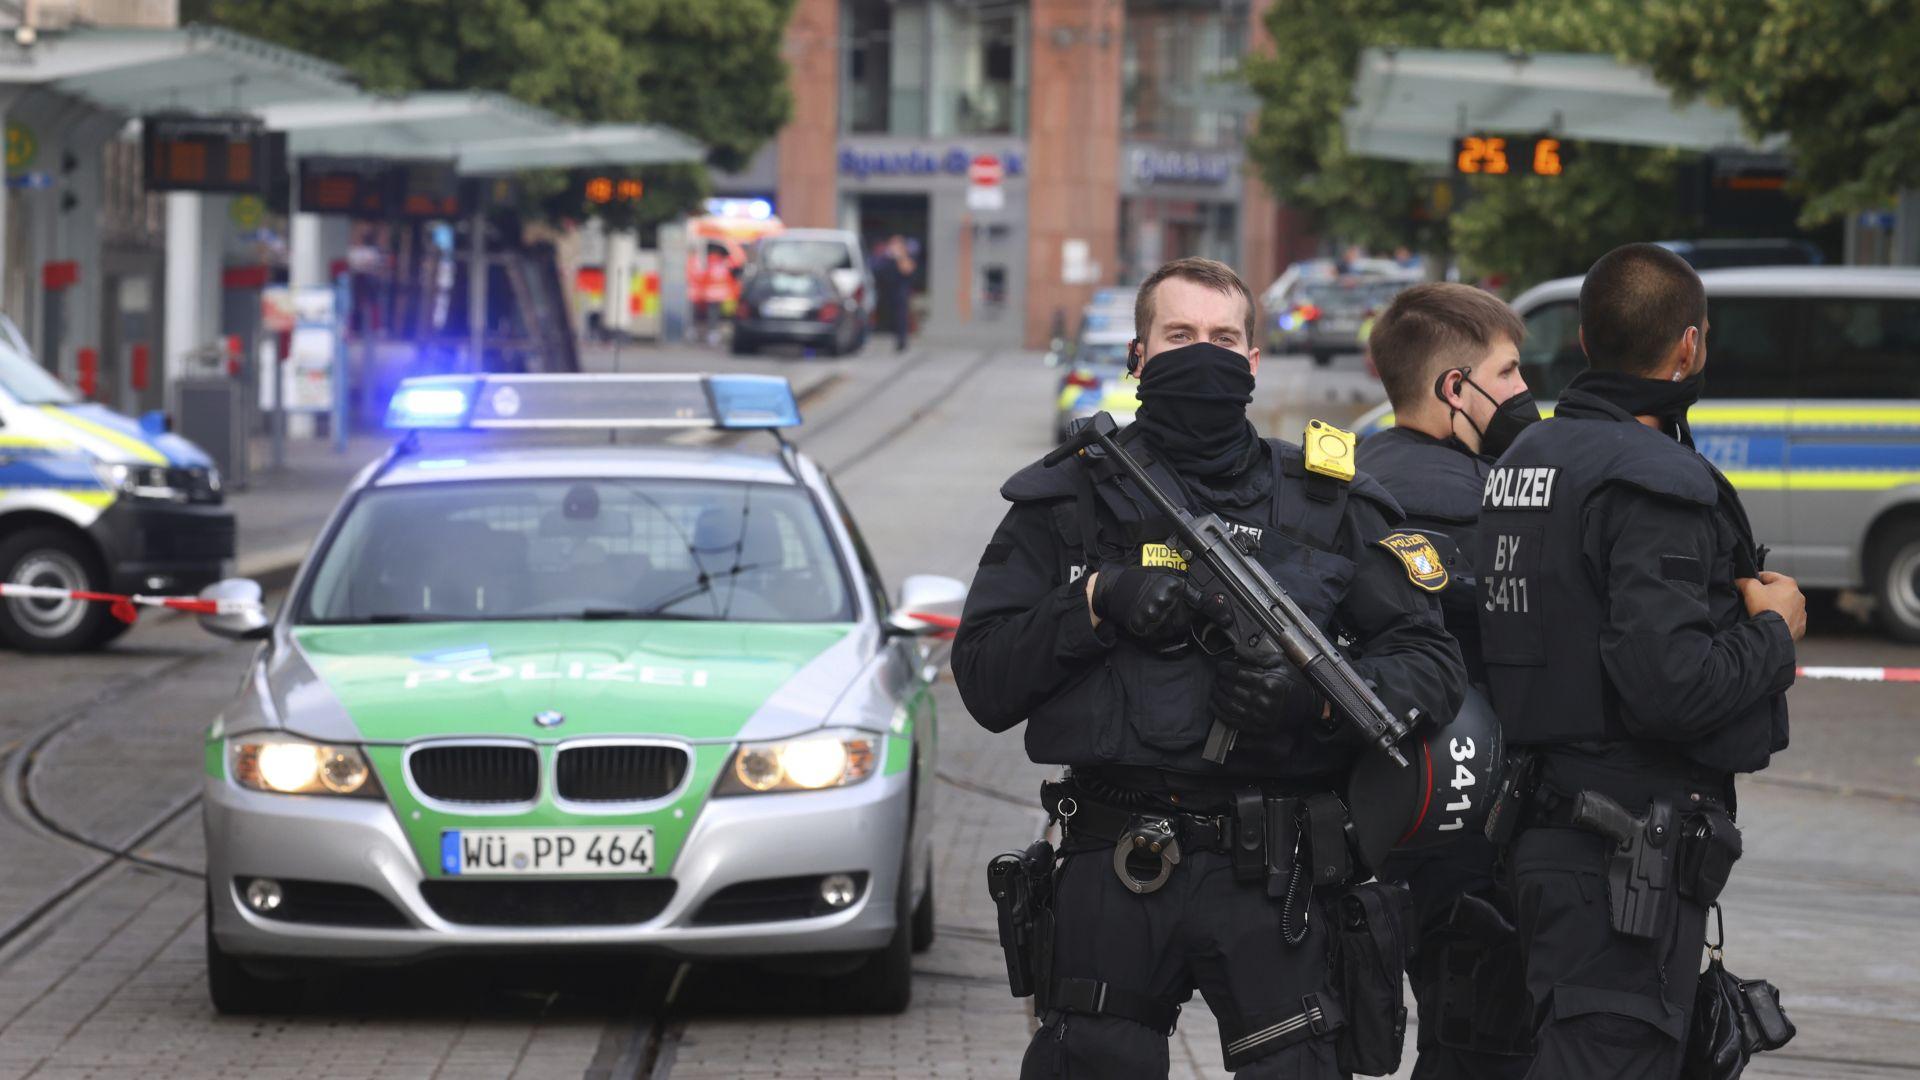 Жертви и ранени след нападение с нож в германския град Вюрцбург (видео)